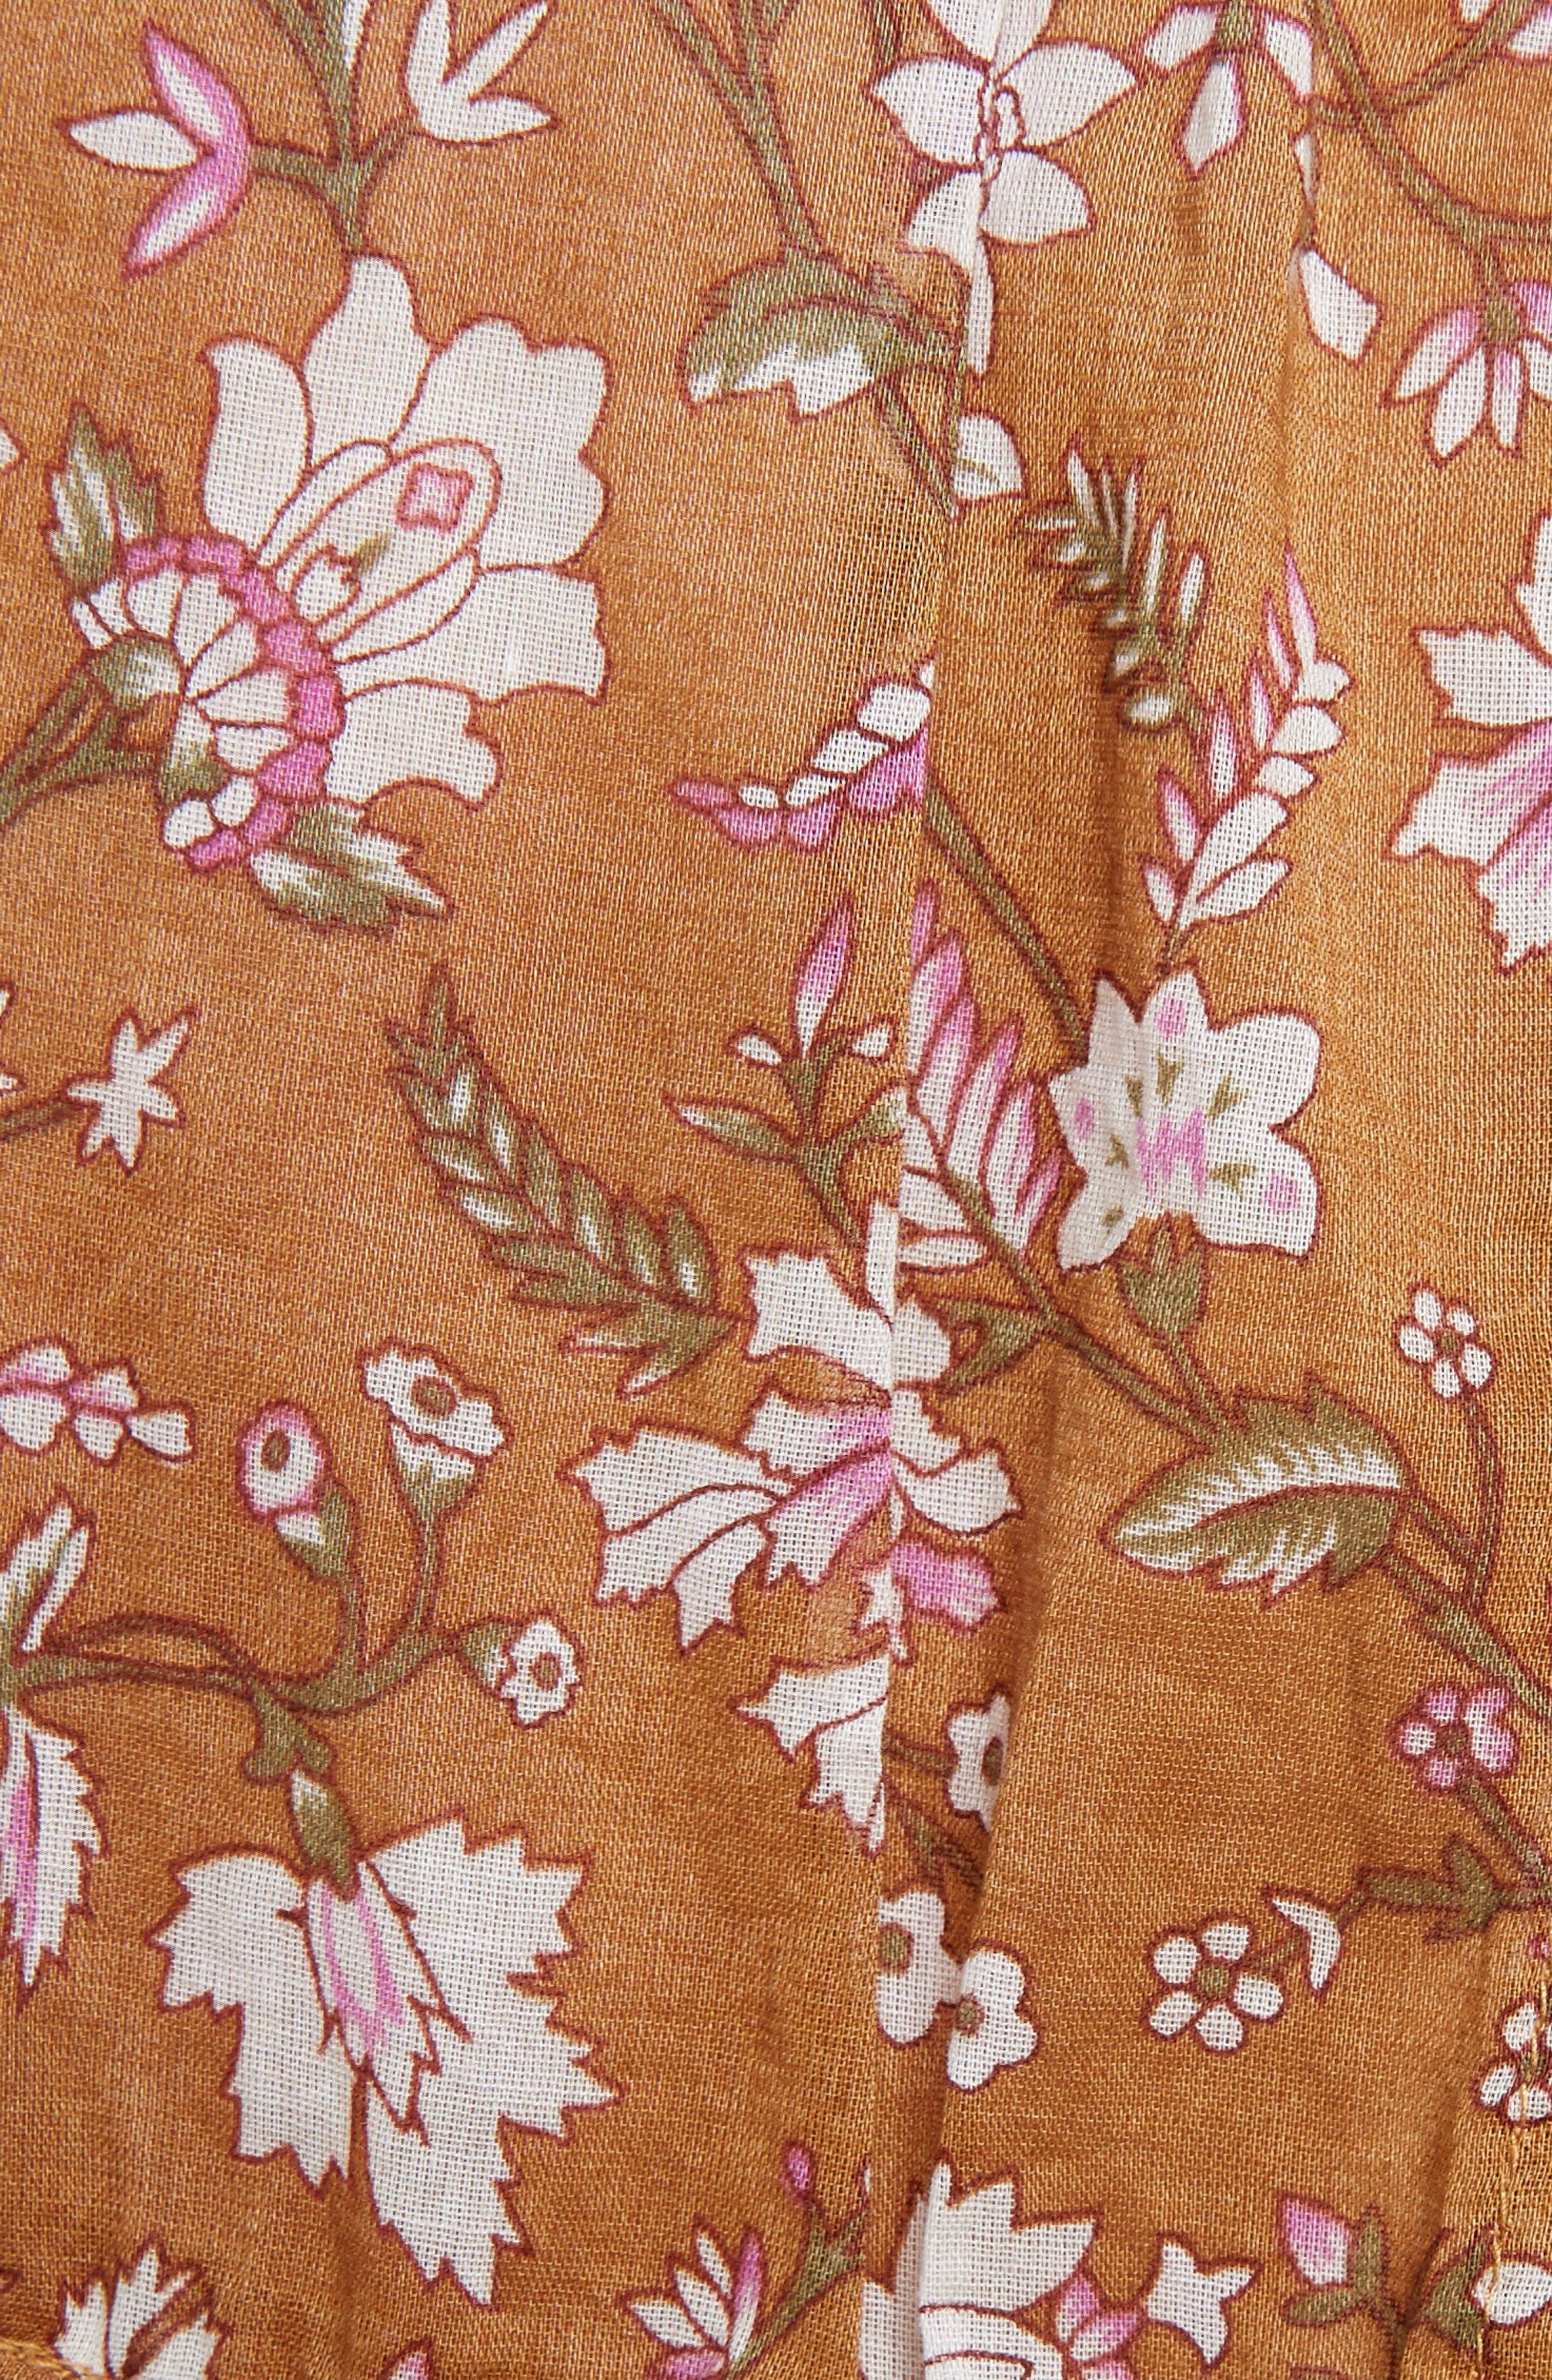 Isabel Marant Étoile Maiwenn Floral Print Cotton Dress,                             Alternate thumbnail 5, color,                             800